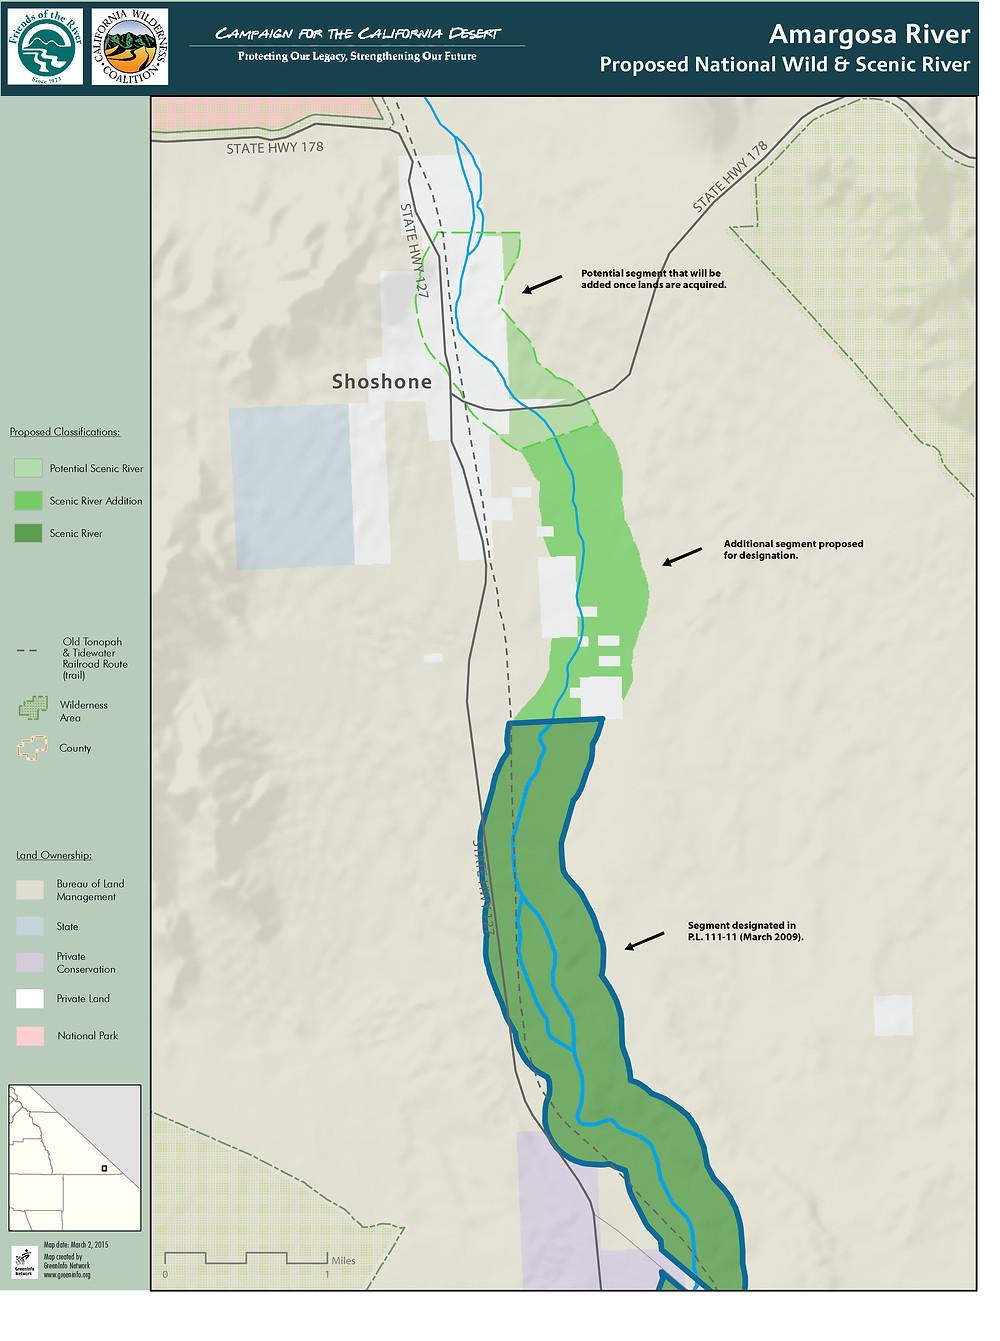 Amargosa River Wild & Scenic River